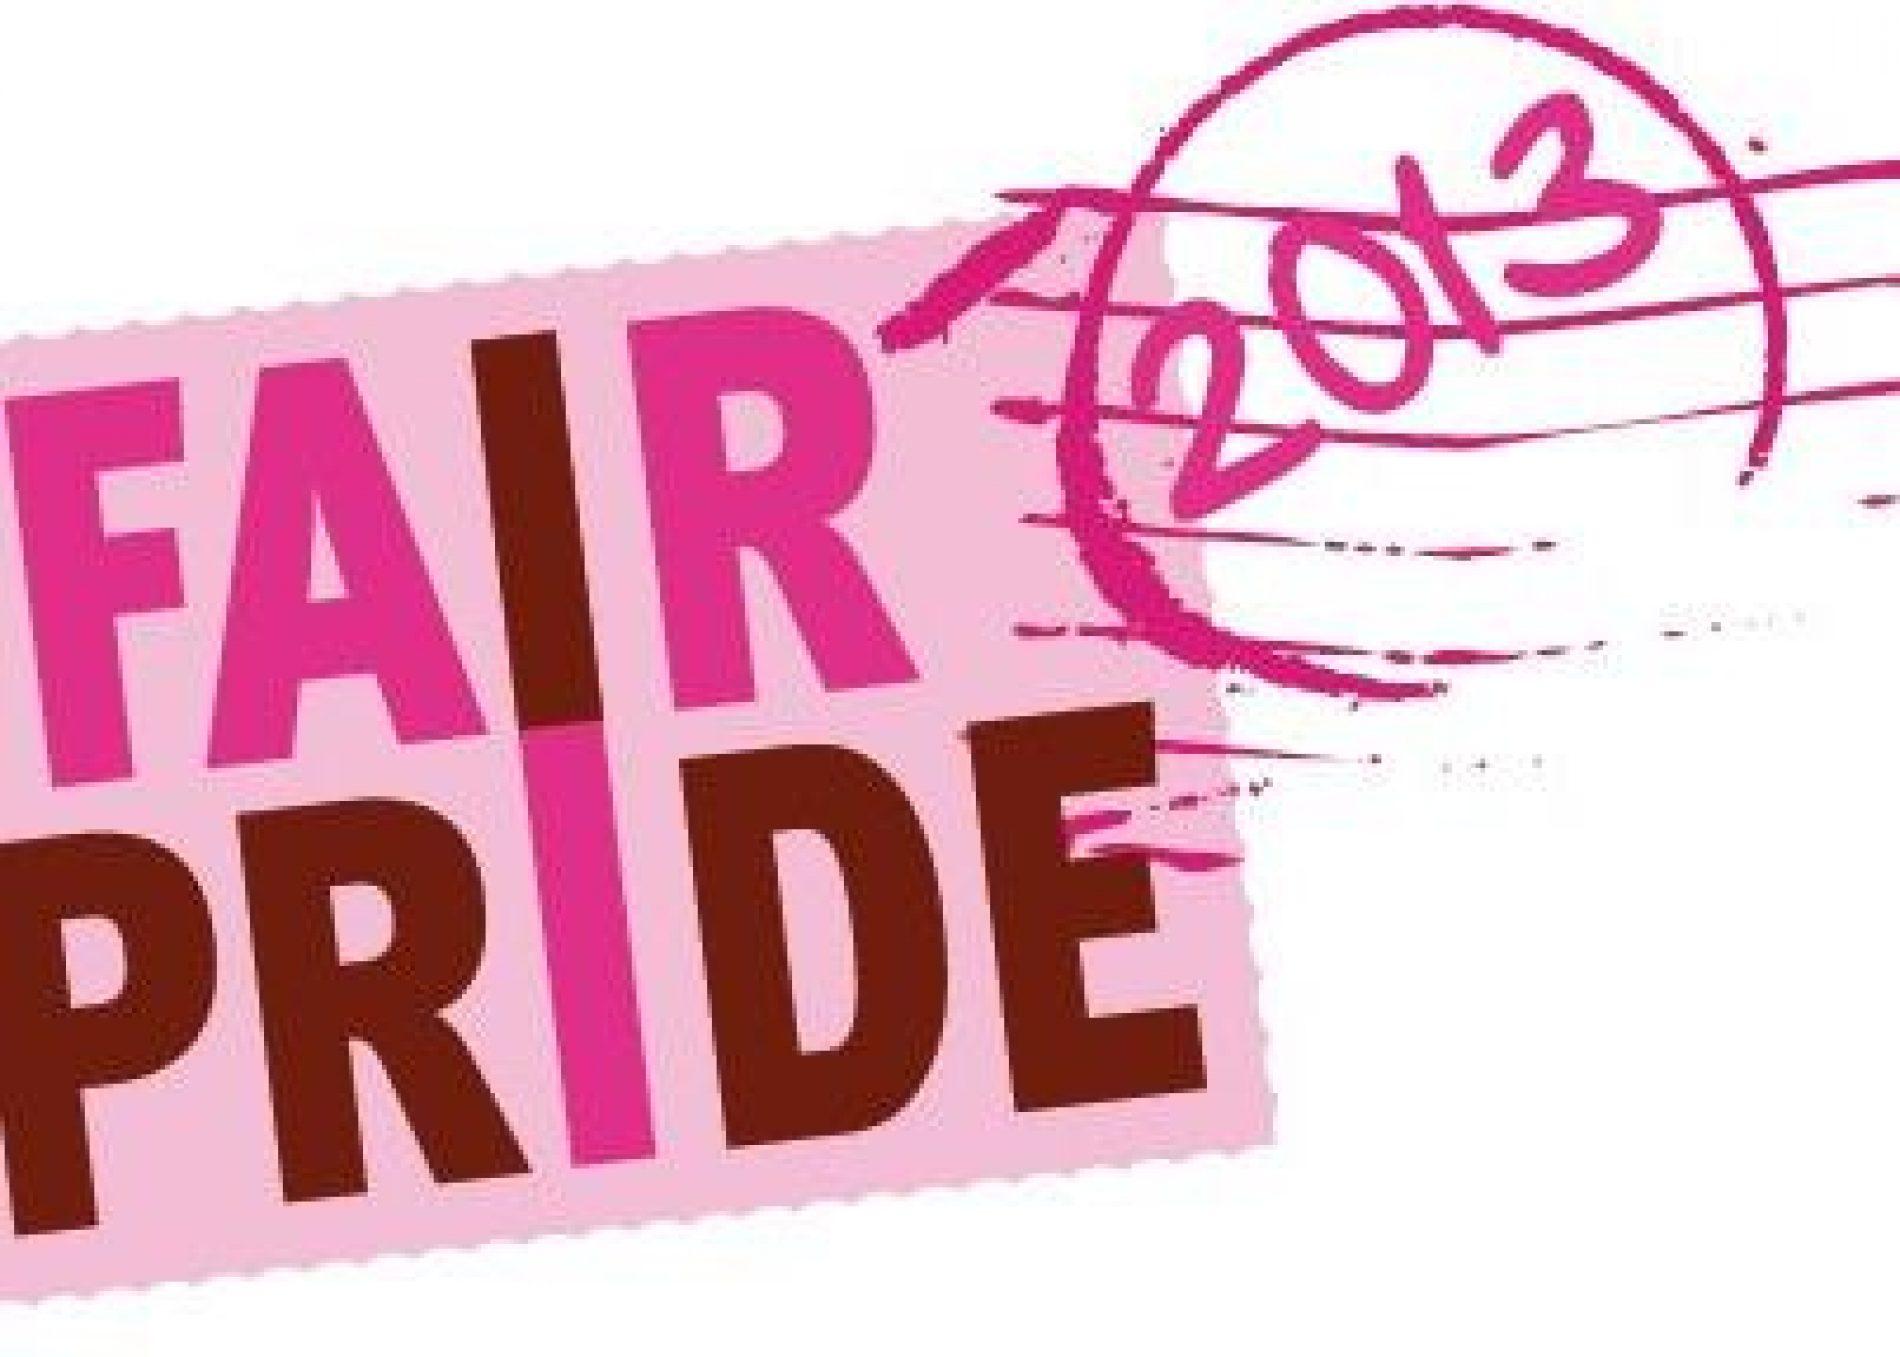 Agenda du Philistin & Fair Pride 2013